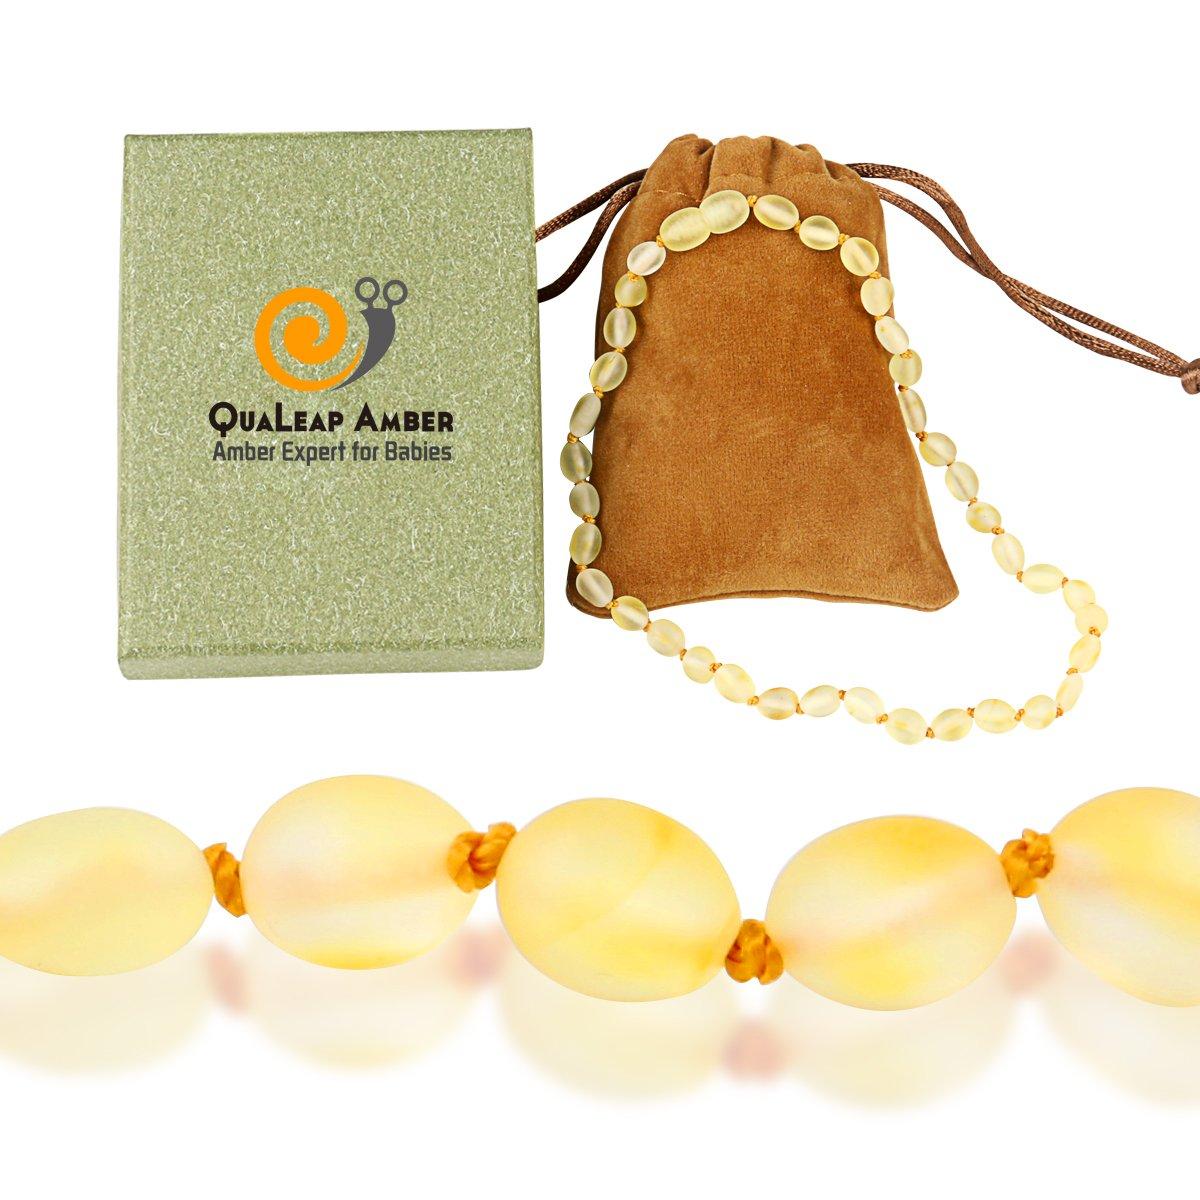 Baltic Raw Amber Teething Necklace Baby (Unisex – Raw Lemon – 12.5 inches), Unpolished Infant & Toddler Amber Teething Necklace – Natural Alternative to Baby Teether